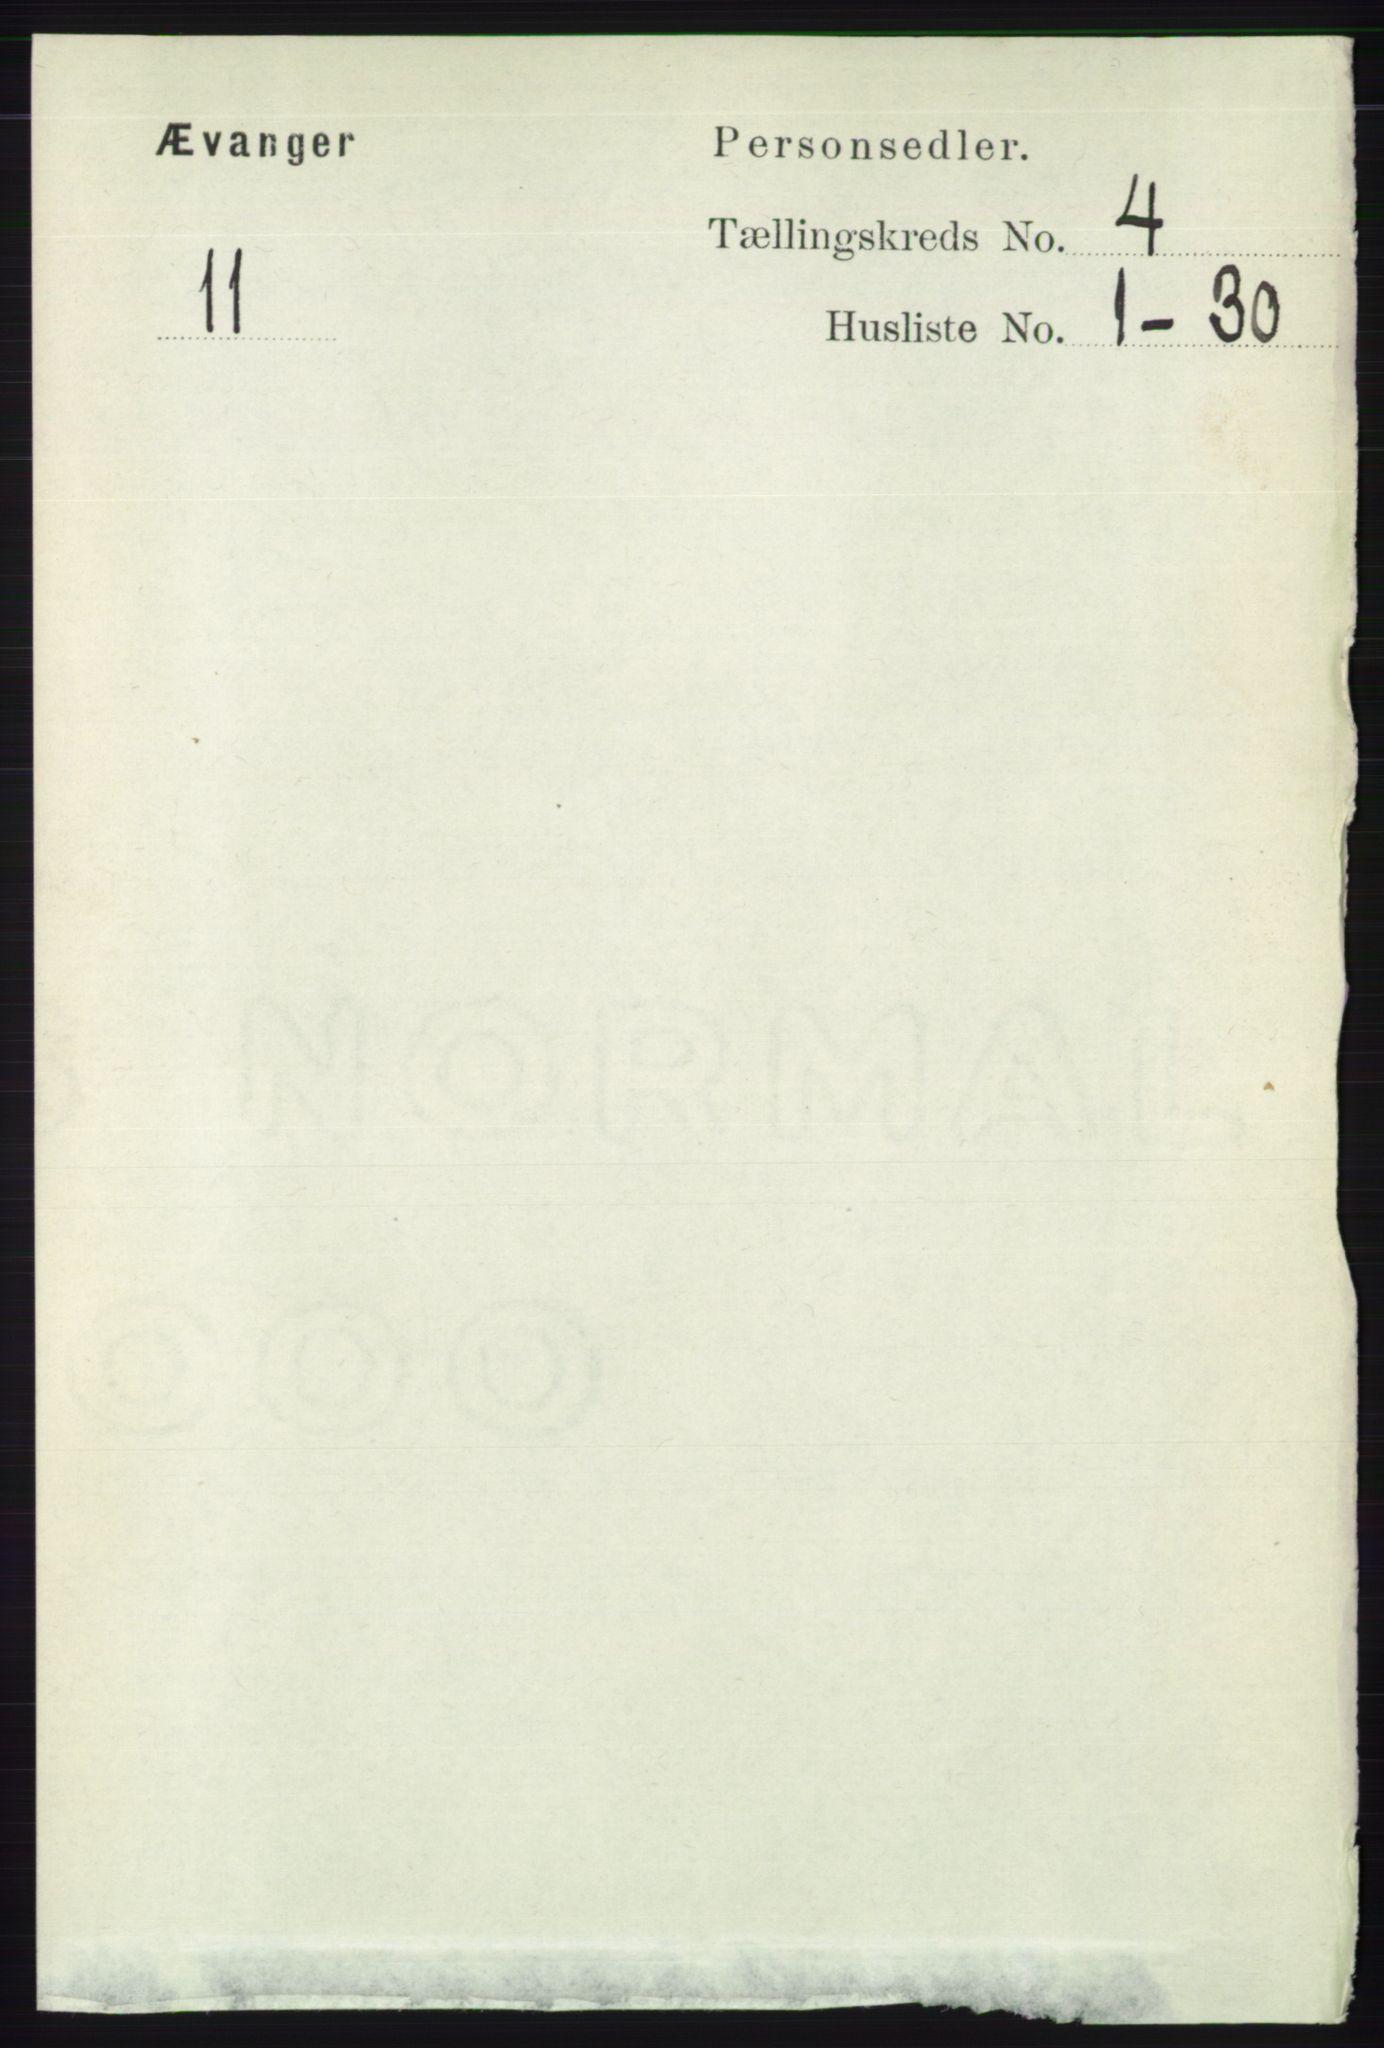 RA, Folketelling 1891 for 1237 Evanger herred, 1891, s. 1137